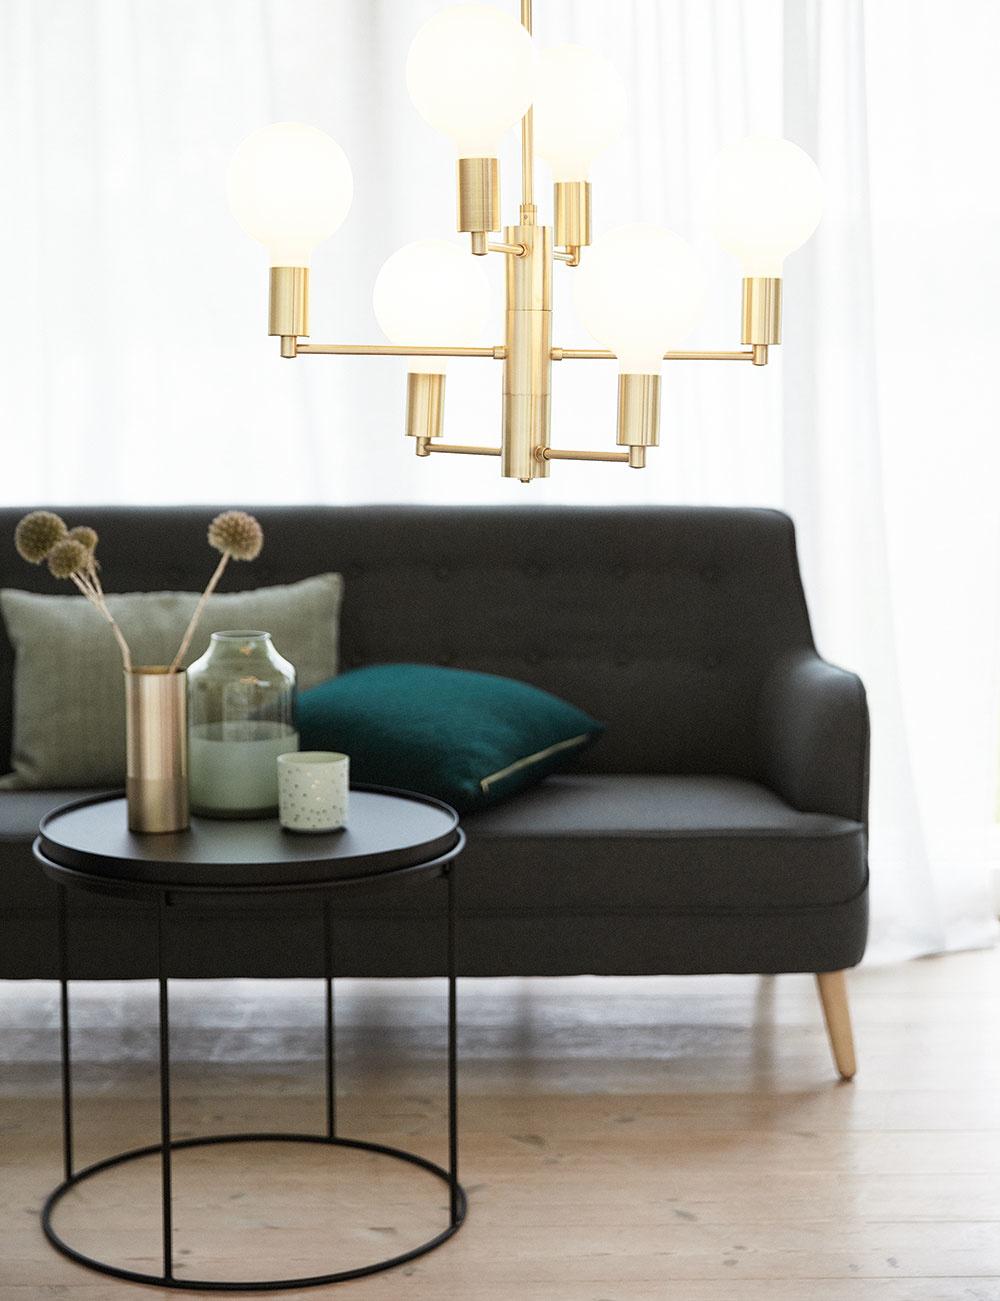 Trojkombinácia čiernej, zlatej aviacerých odtieňov zelenej pôsobí príjemným až okúzľujúcim dojmom. Toto farebné trio zahalí interiér do elegantného šatu, ktorý vyzerá skutočne luxusne. Dojem honosnosti docielite aj pomocou zlatého lustra, ktorý celkový pôvab podčiarkne.